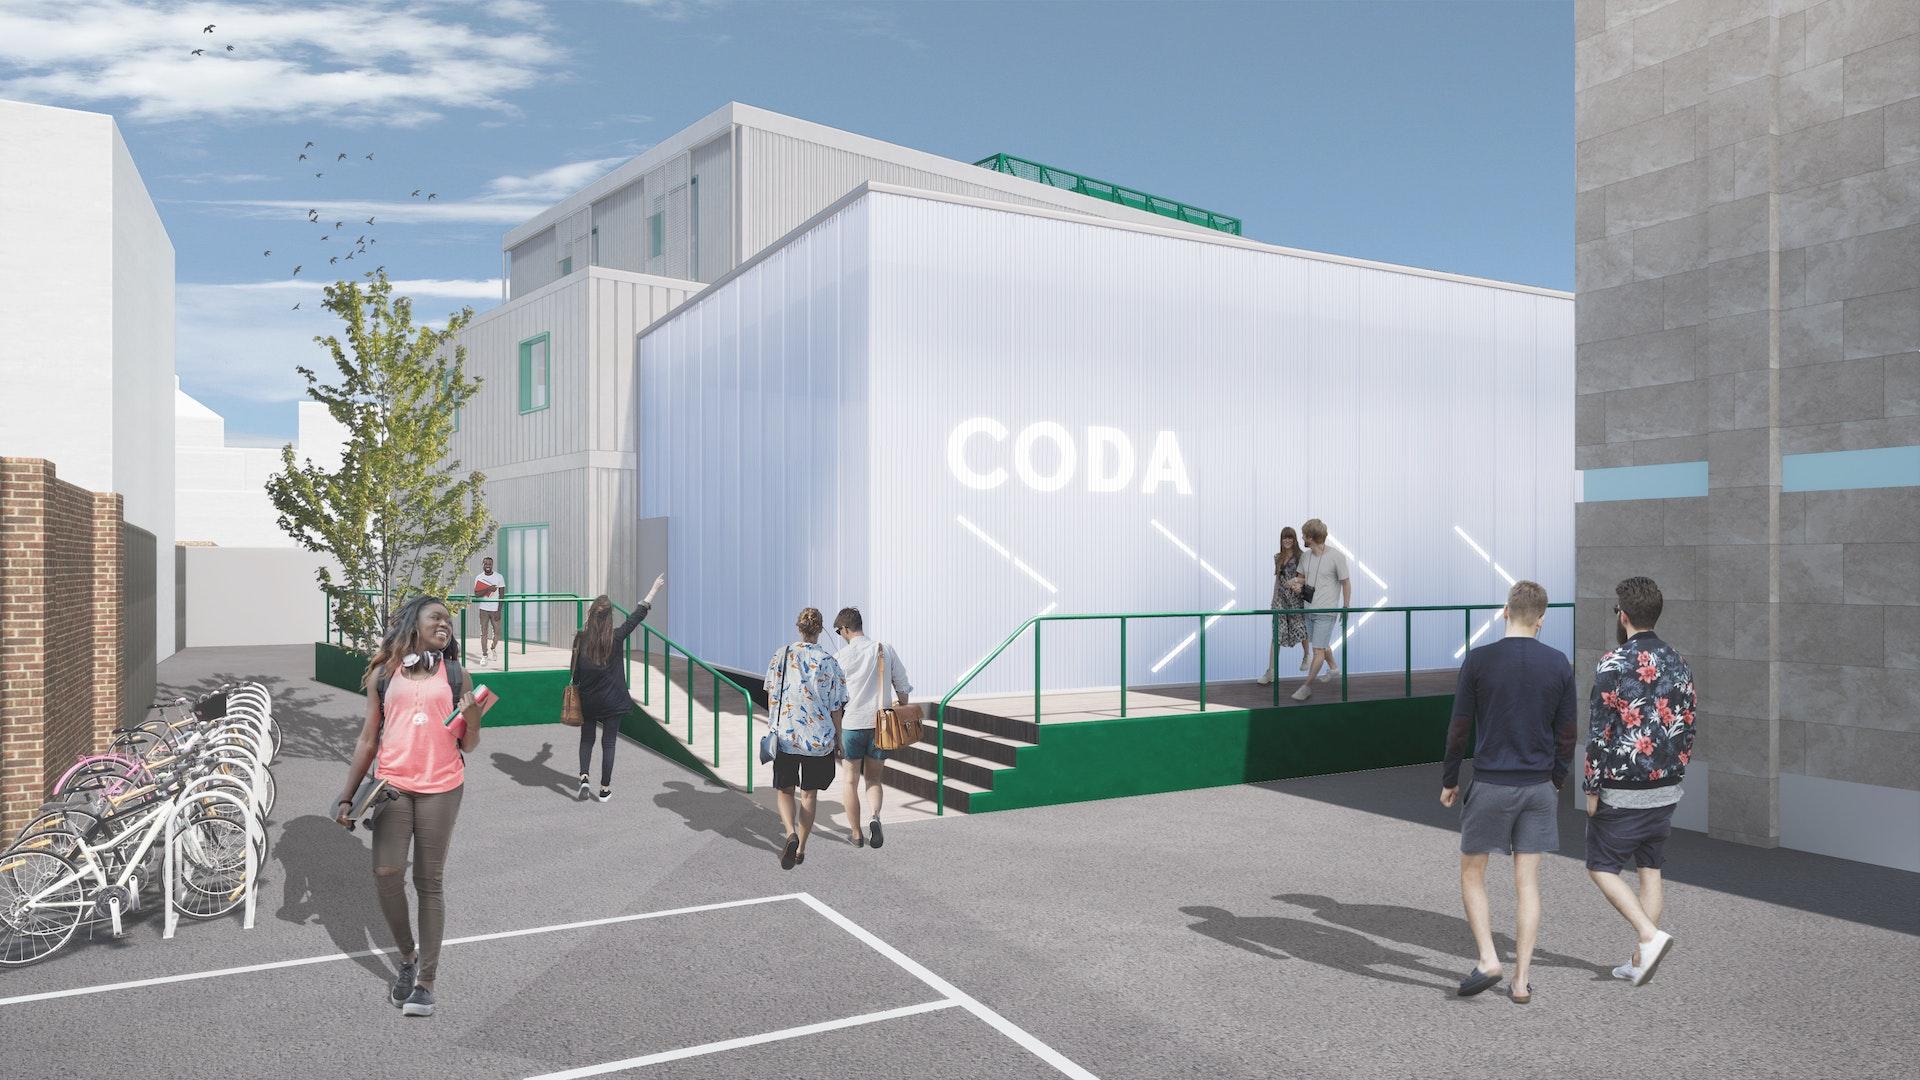 CODA View